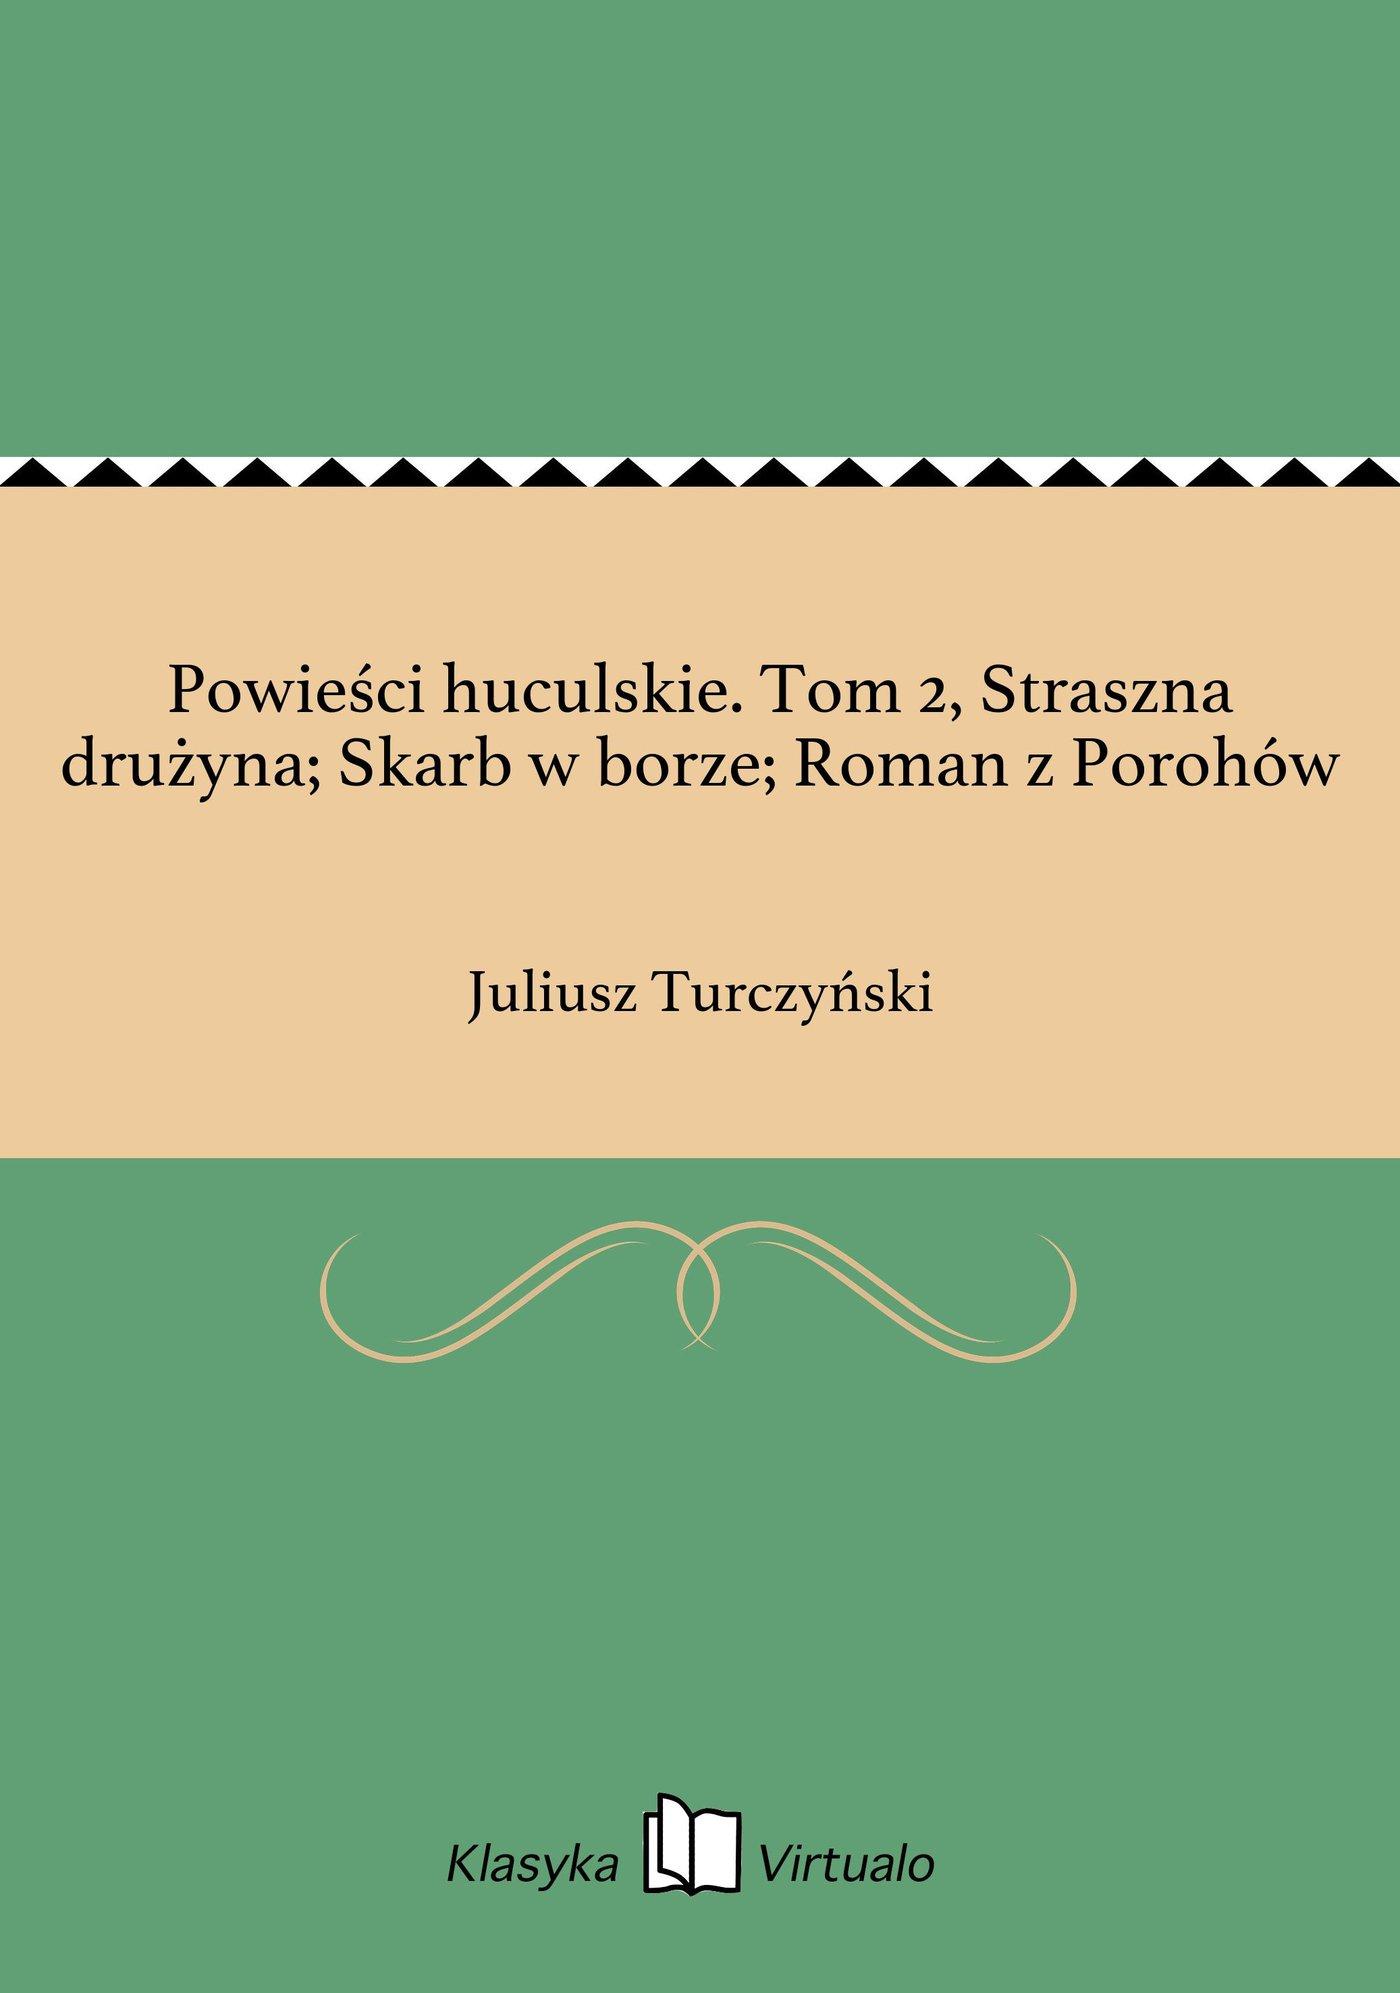 Powieści huculskie. Tom 2, Straszna drużyna; Skarb w borze; Roman z Porohów - Ebook (Książka na Kindle) do pobrania w formacie MOBI